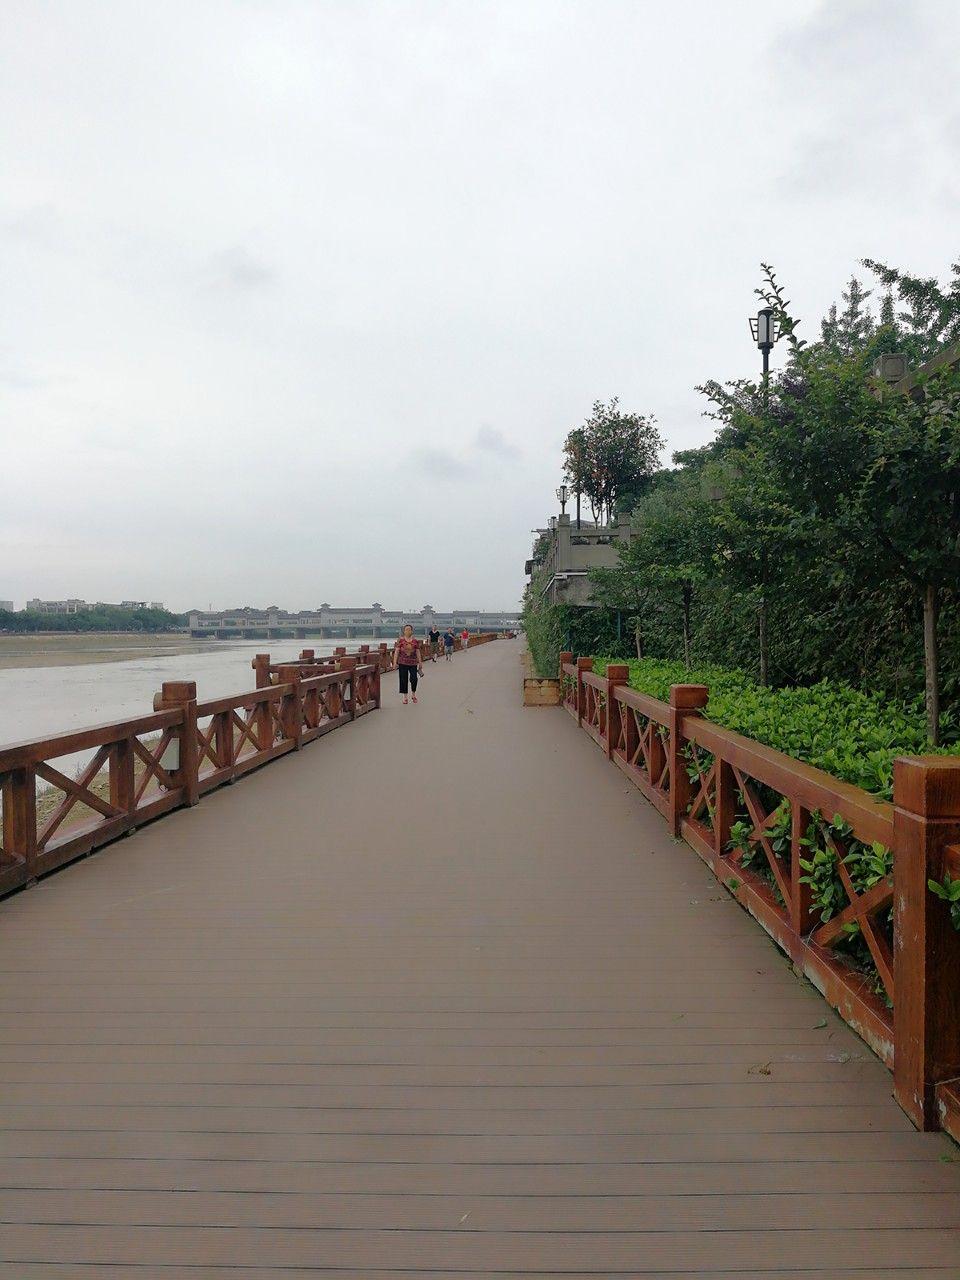 【素手拈FLOWER工作室】雨后的广汉,空气格外清新,一切都是这样舒适而平静